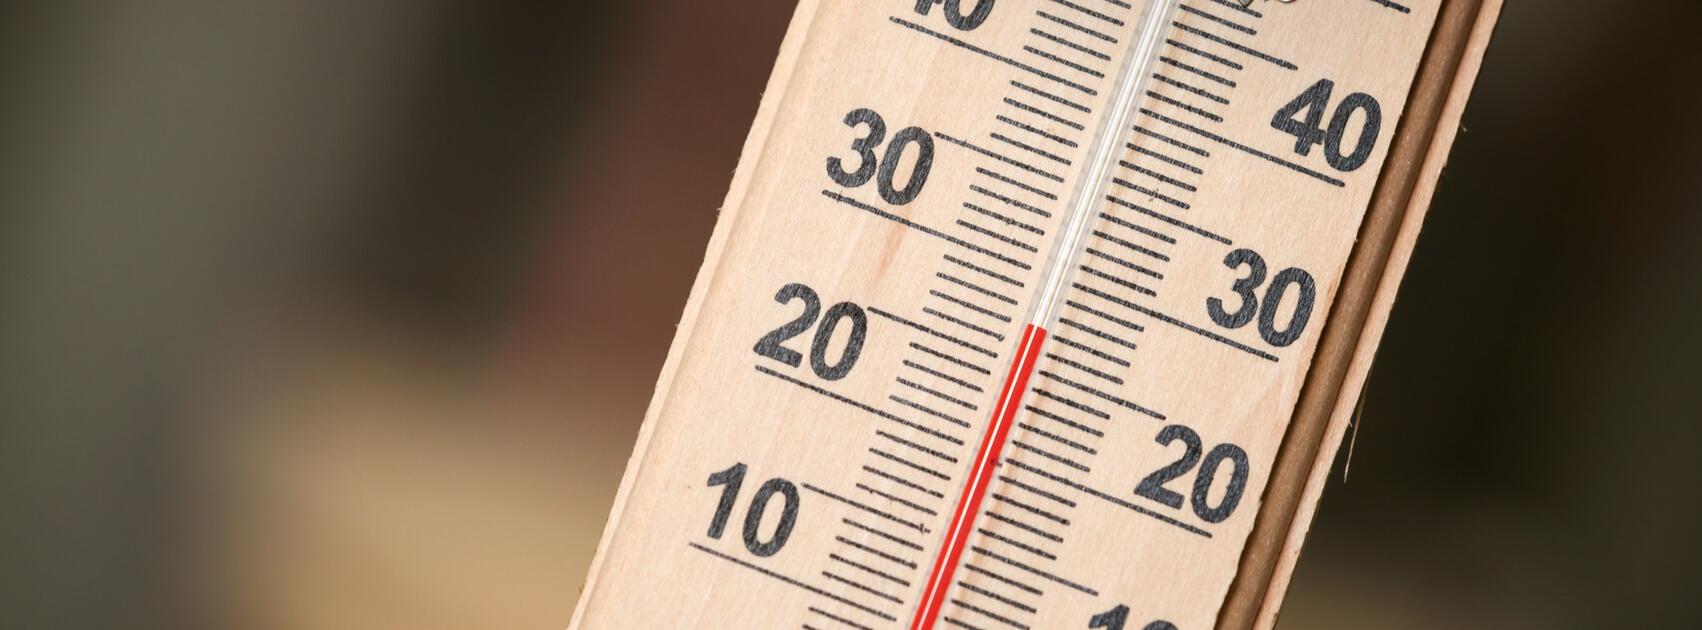 temperatura-do-combustivel.jpg